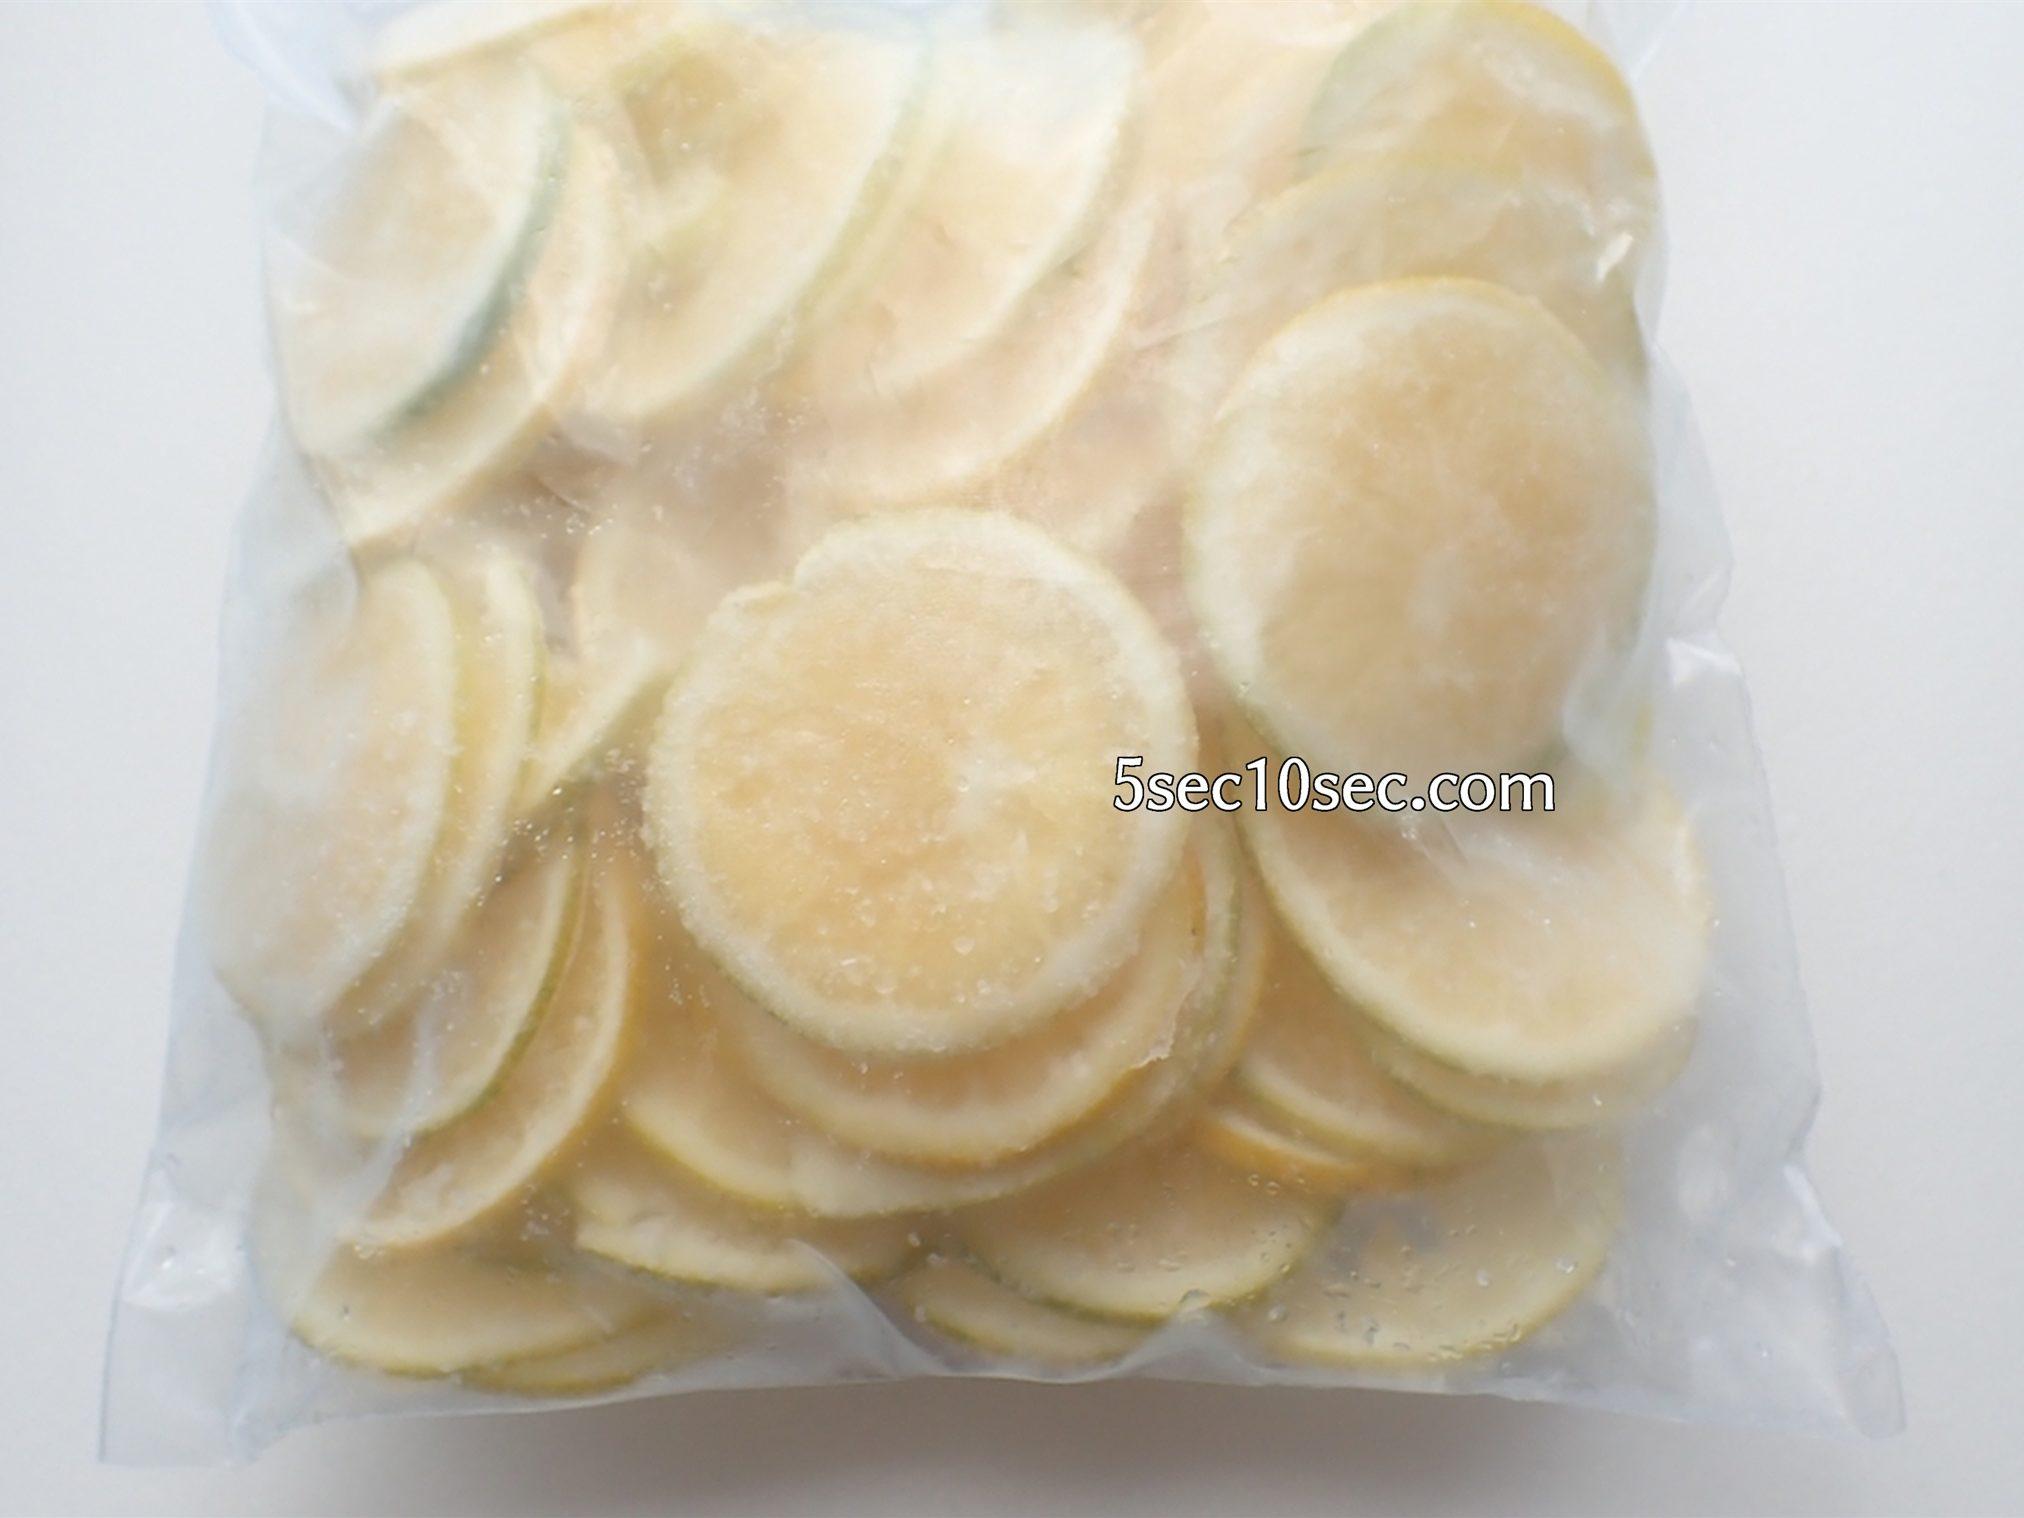 宝酒造 こだわりのレモンサワー用 宝焼酎 家で飲むときはスライスしたレモンを入れるだけのほうがお手軽にレモンサワーを楽しめます